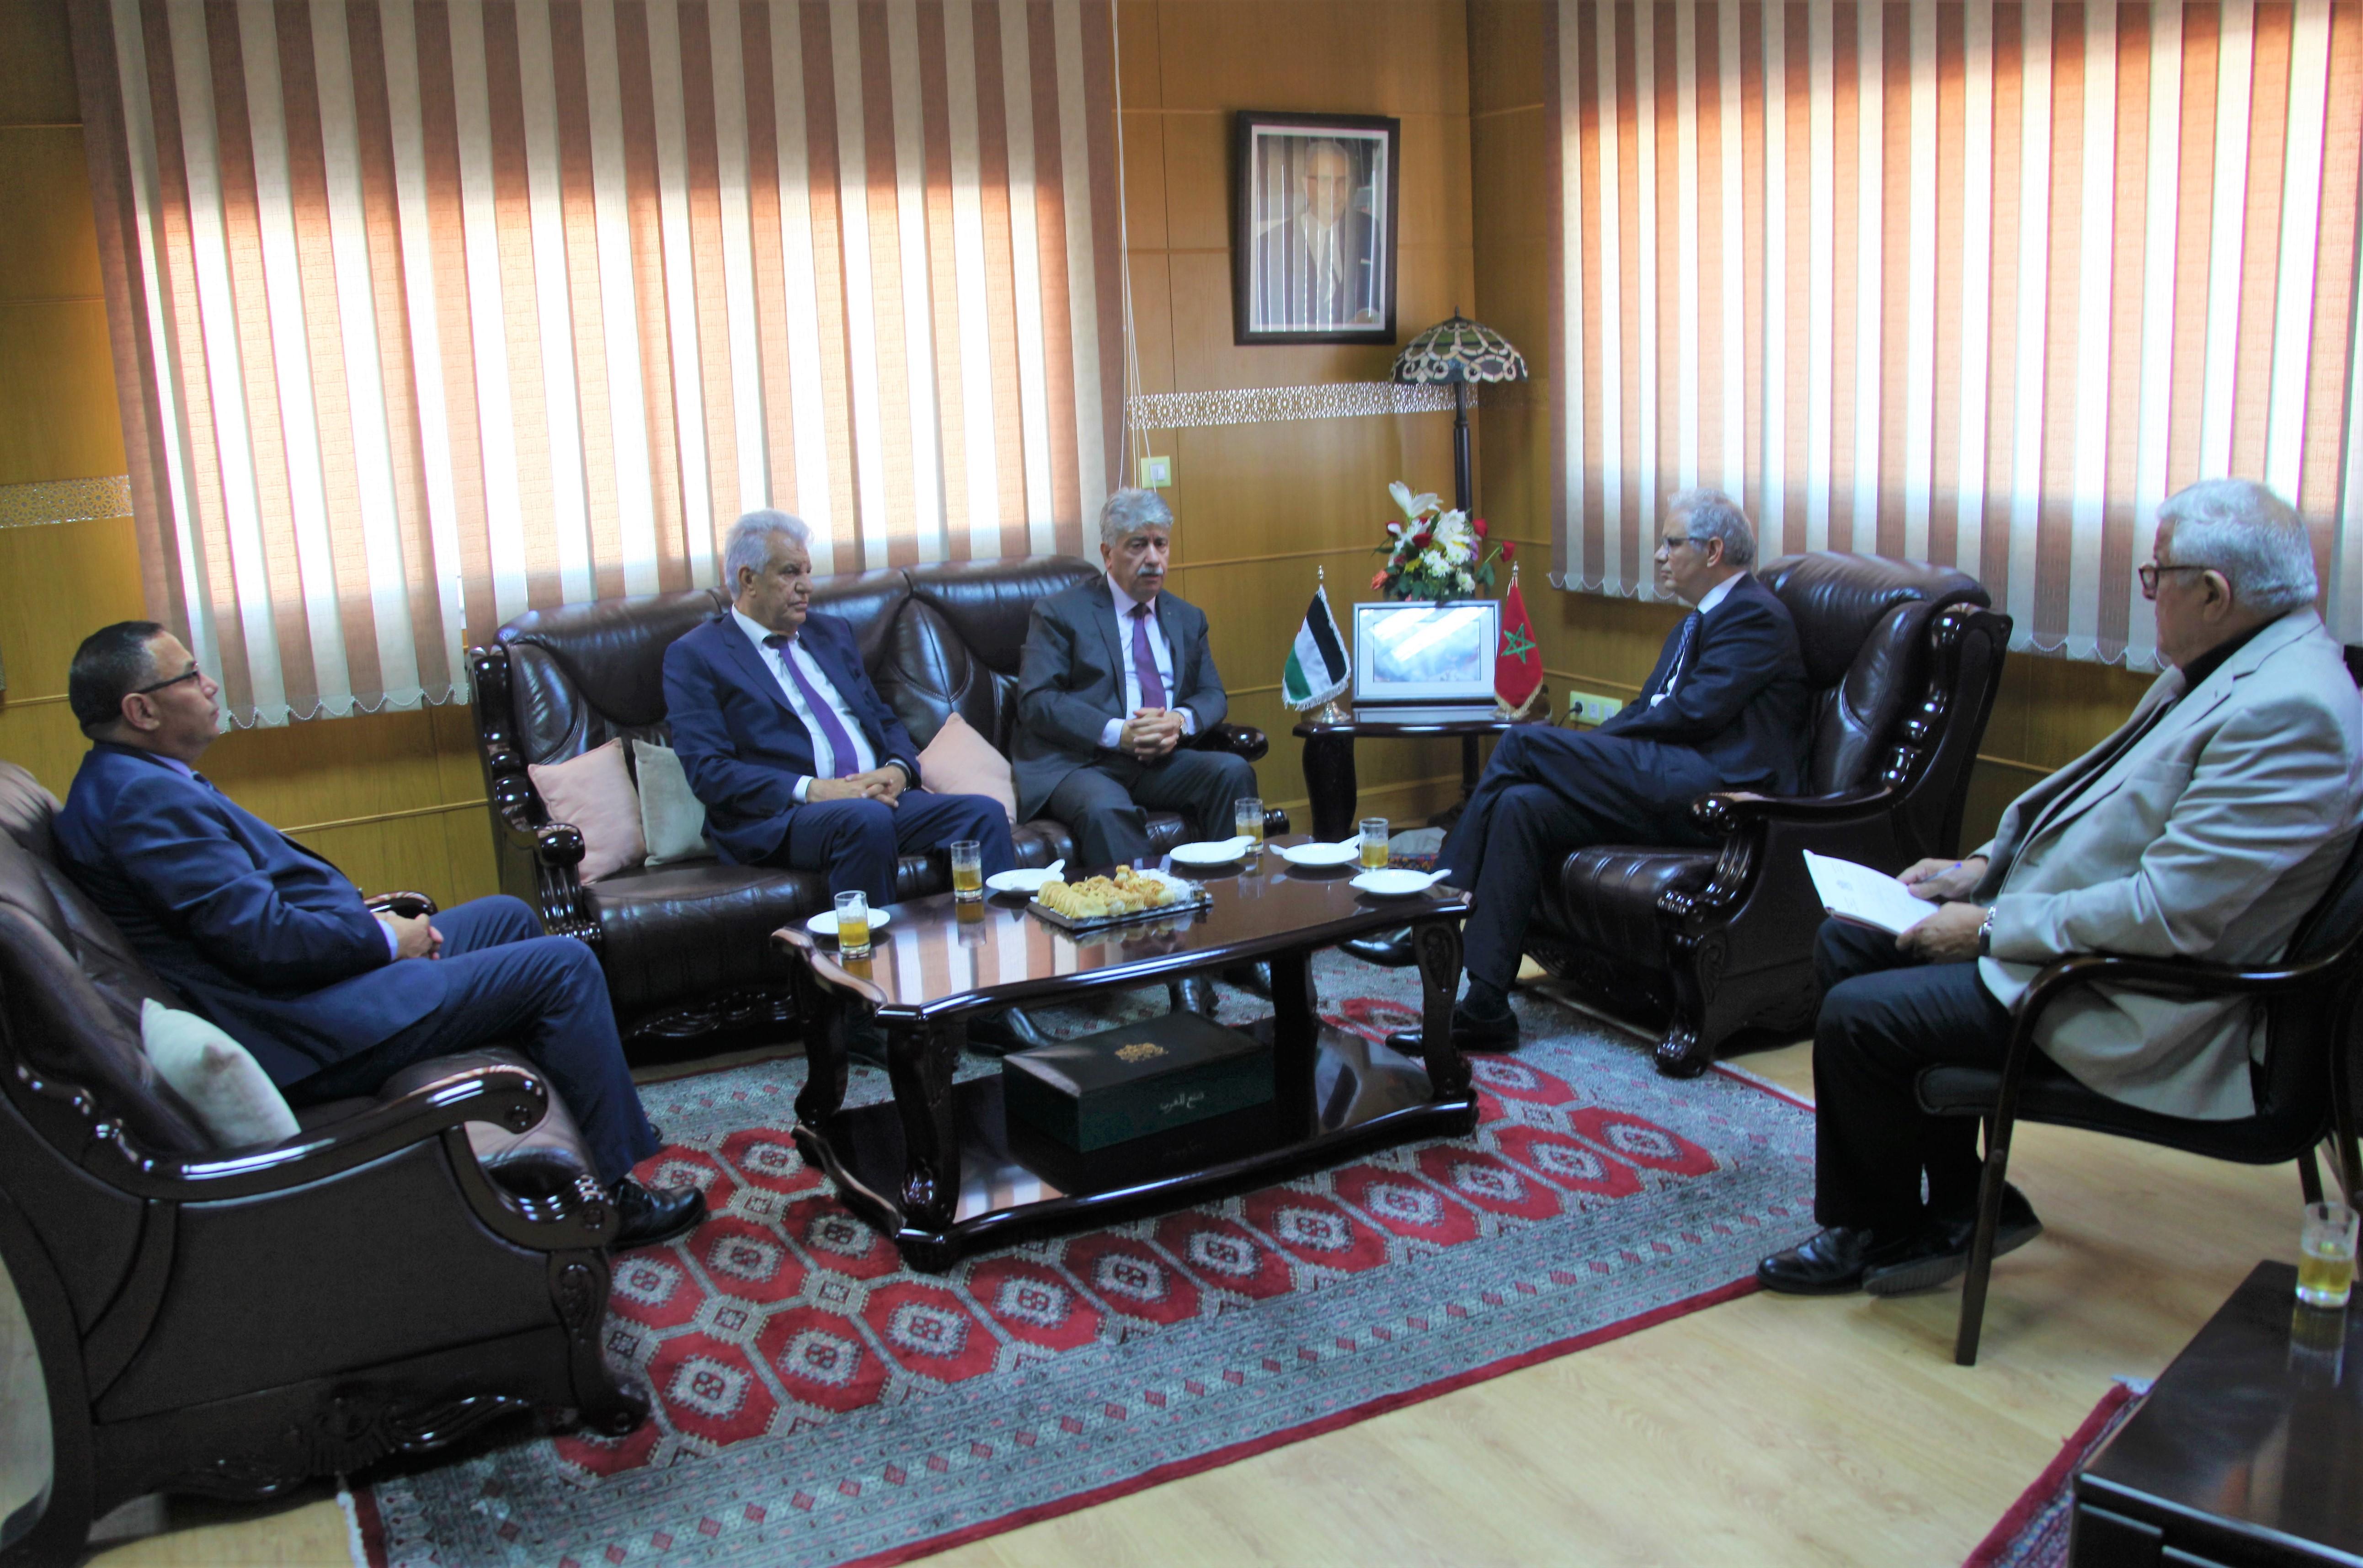 الأمين العام لحزب الاستقلال يستقبل القيادي الفلسطيني والوزير السابق الدكتور أحمد مجدلاني